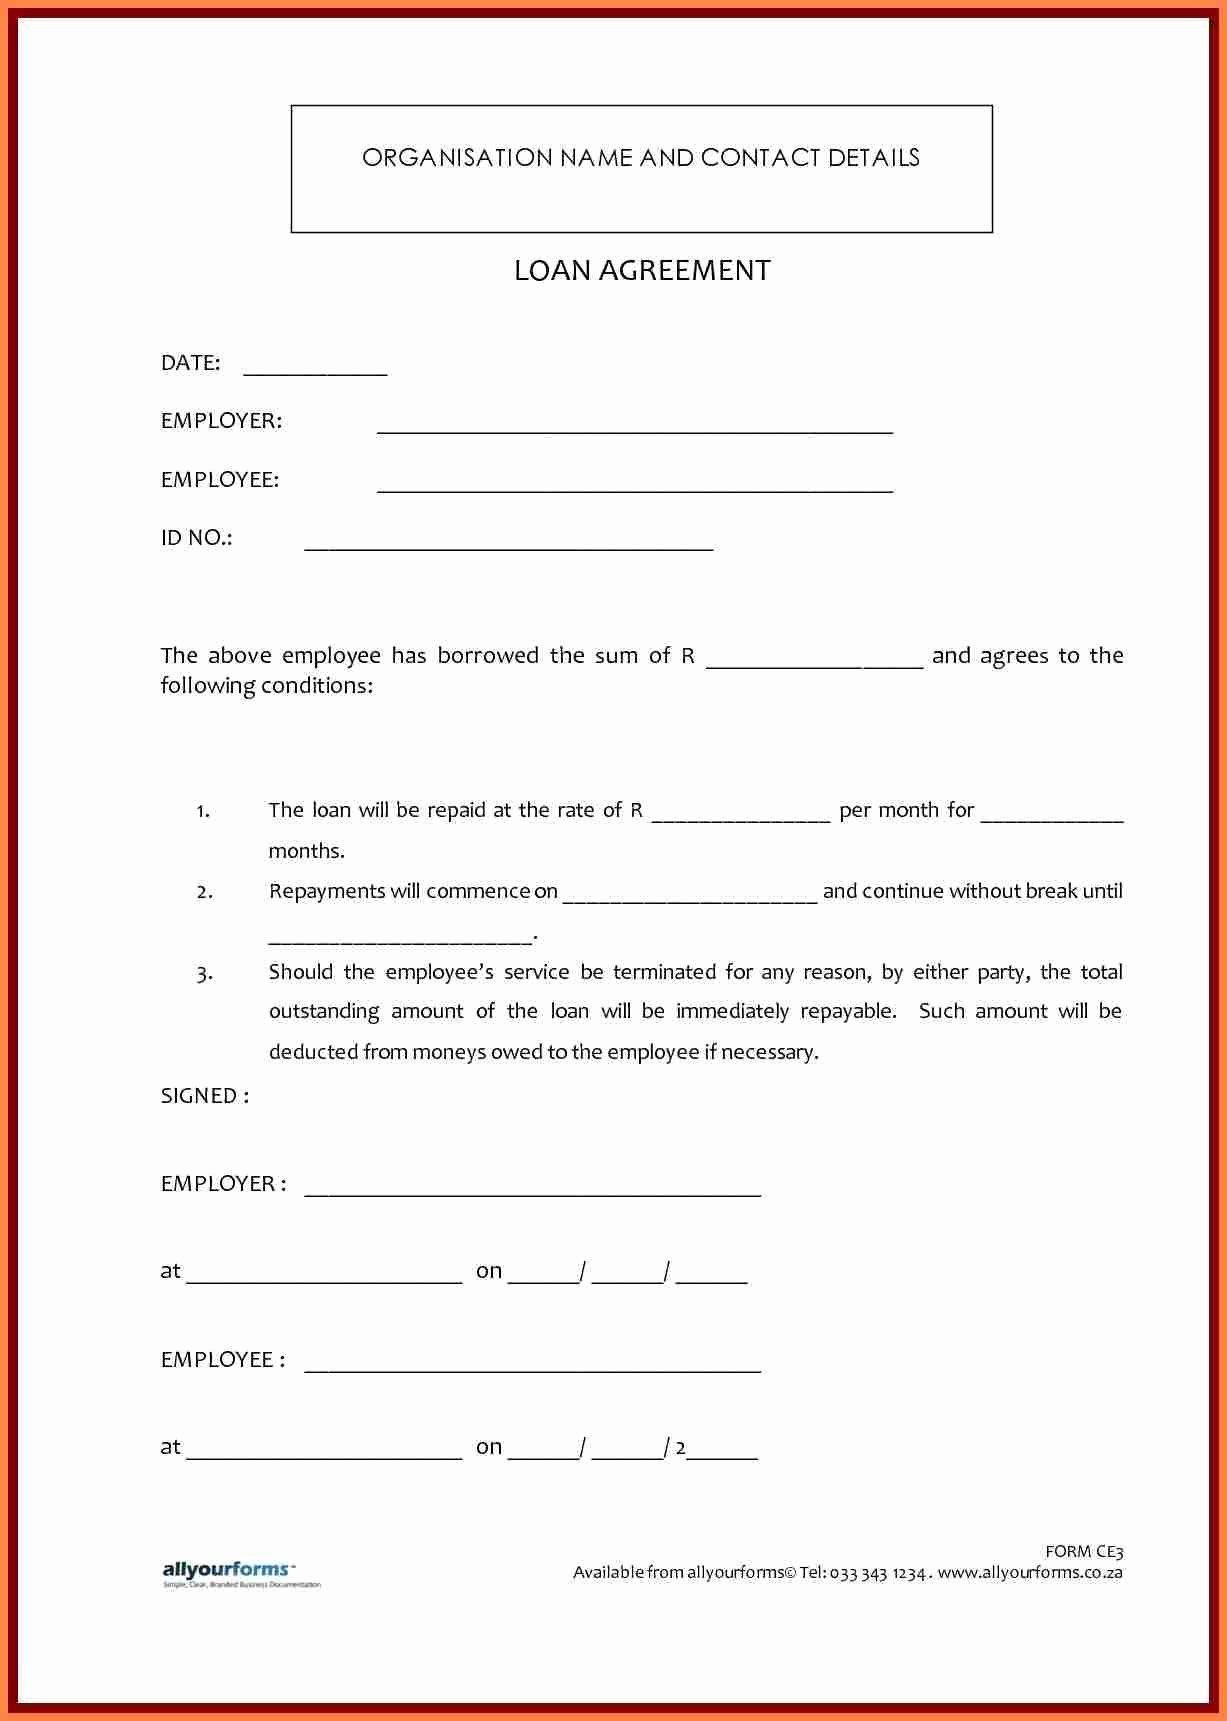 Loan Agreement Between Friends Template Inspirational 8 Personal Loan Agreement Between Friends